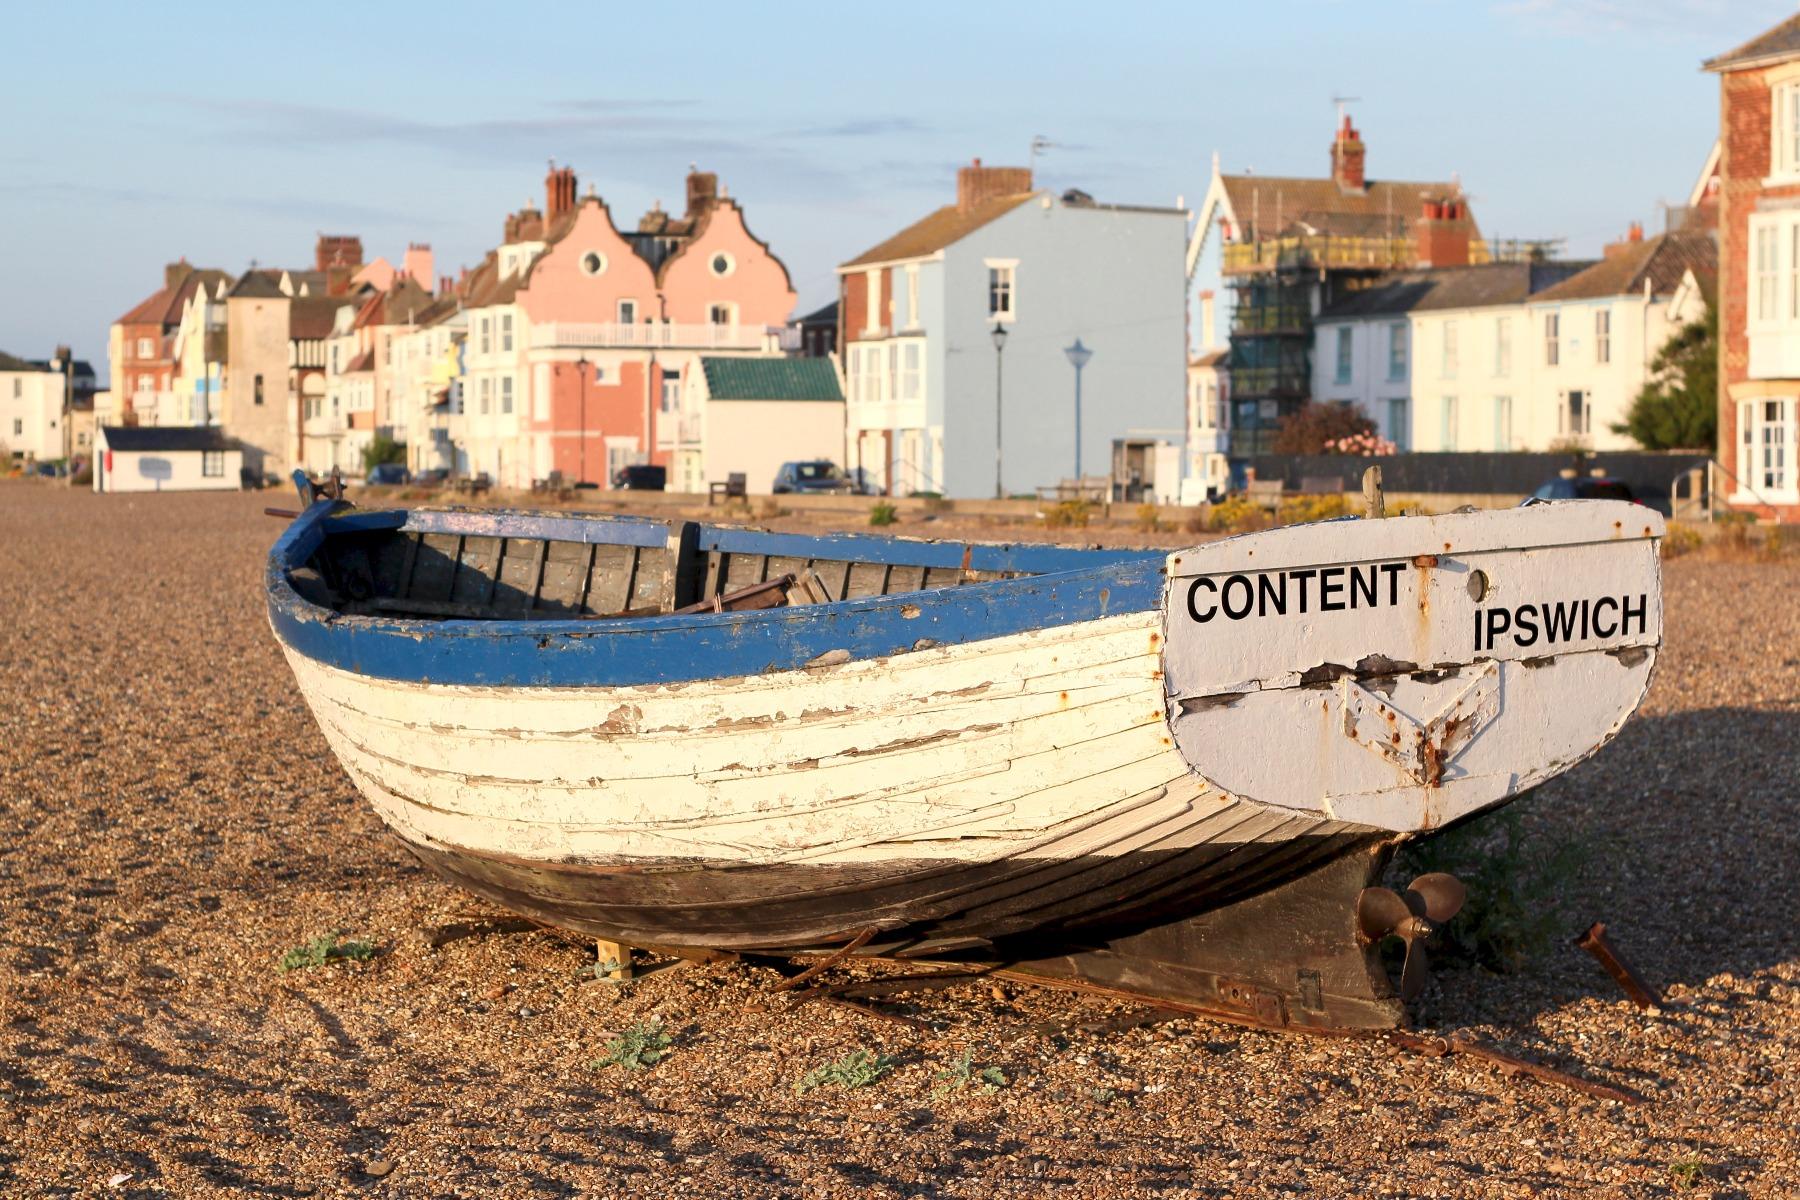 British Staycation - Suffolk